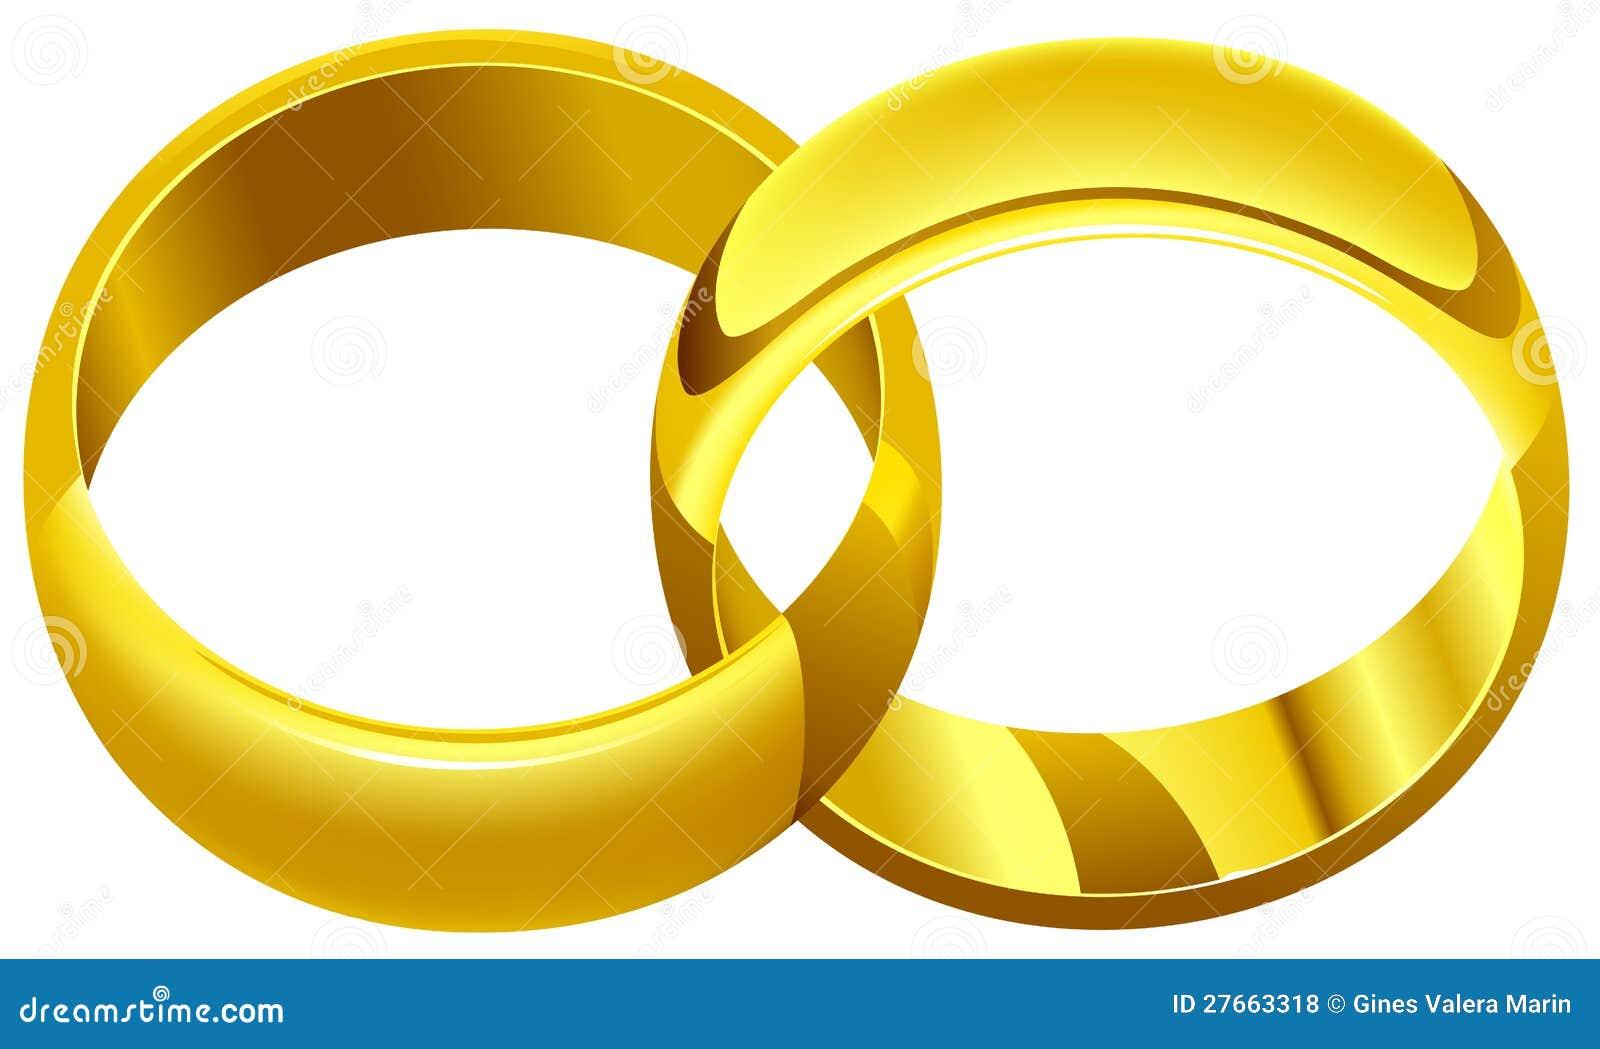 Vektorillustration von zwei Eheringen. Einfache Änderungen in der ...